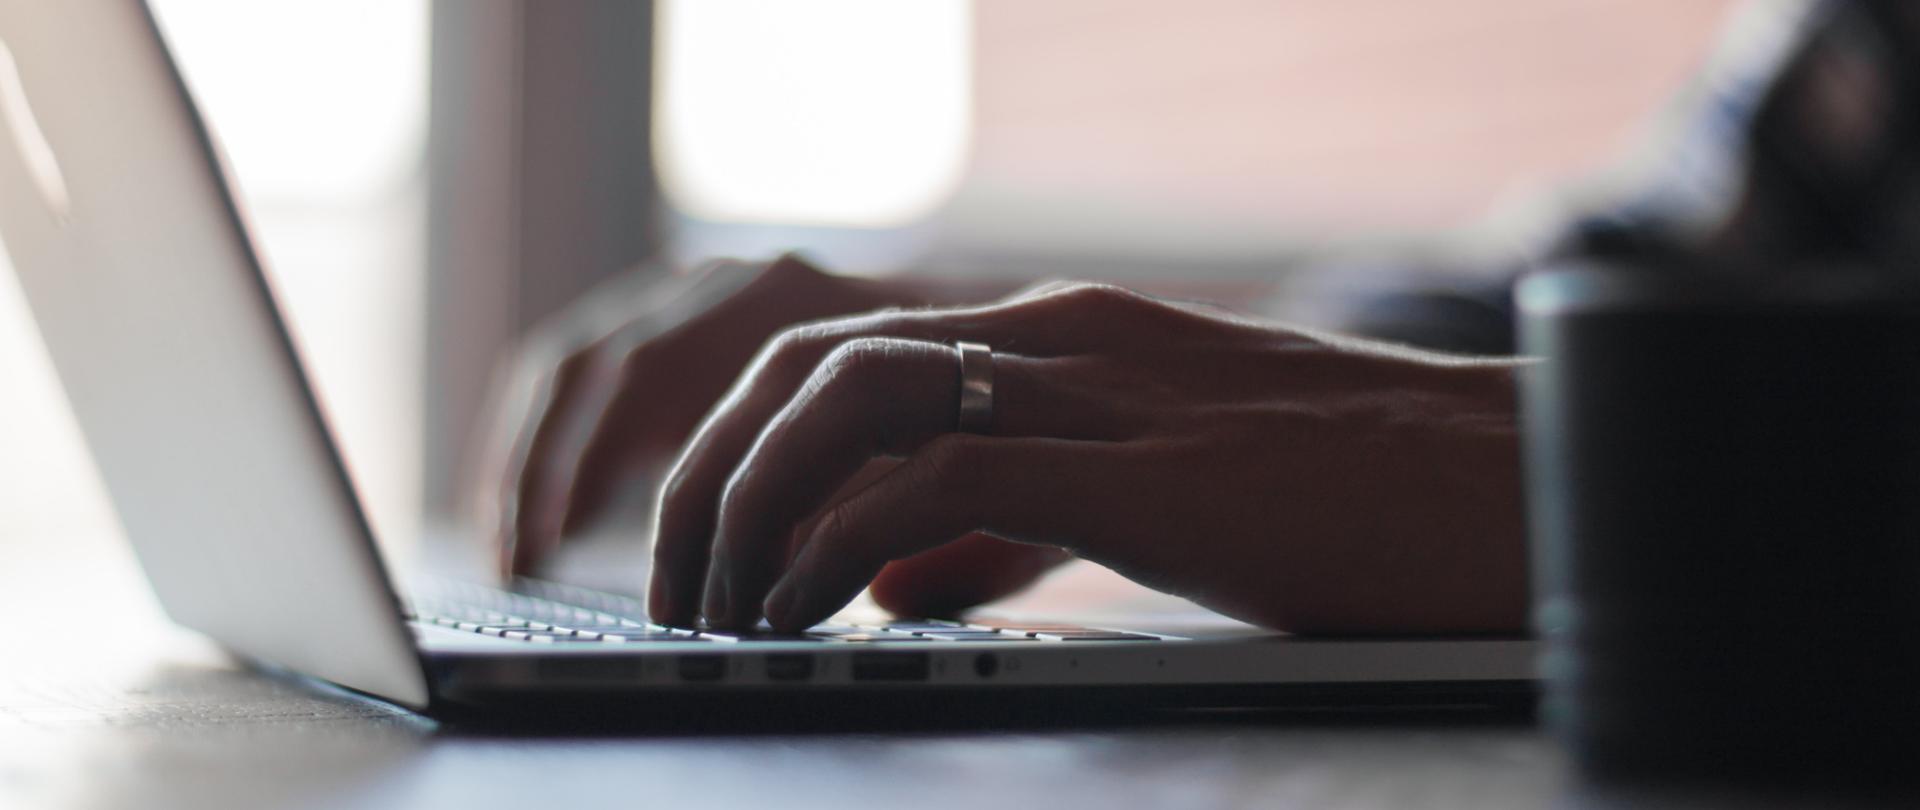 Na zdjęciu laptop na biurku, przy którym siedzi kobieta.